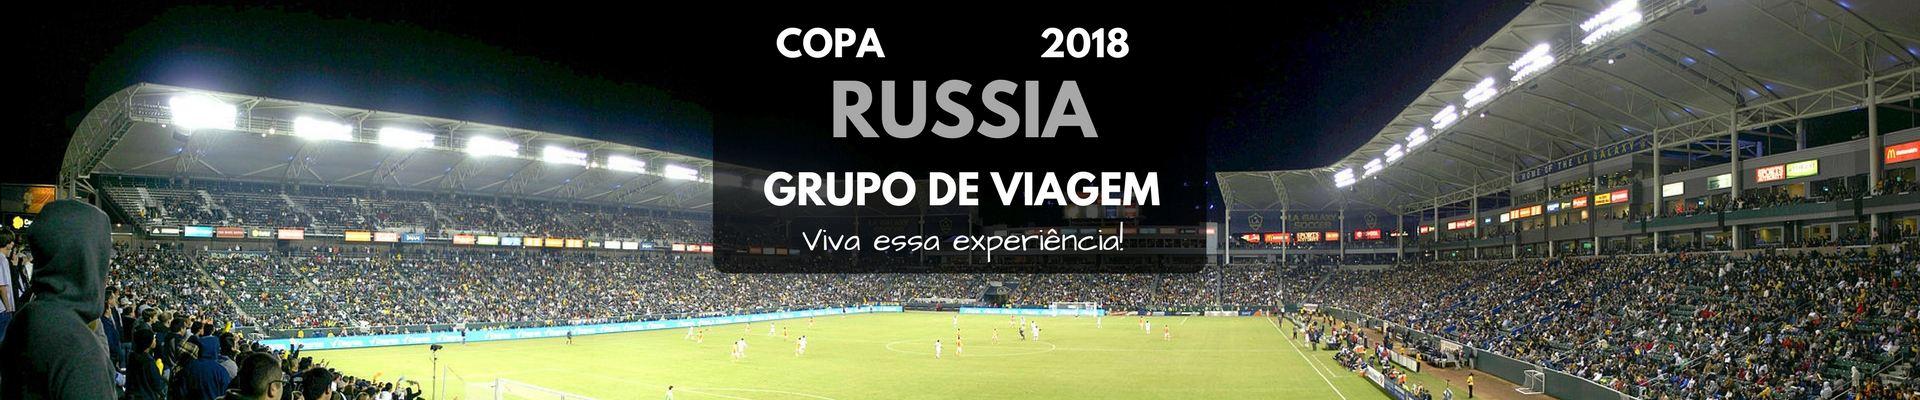 Imagem do paconte Grupo de Brasileiros - COPA na Rússia 2018